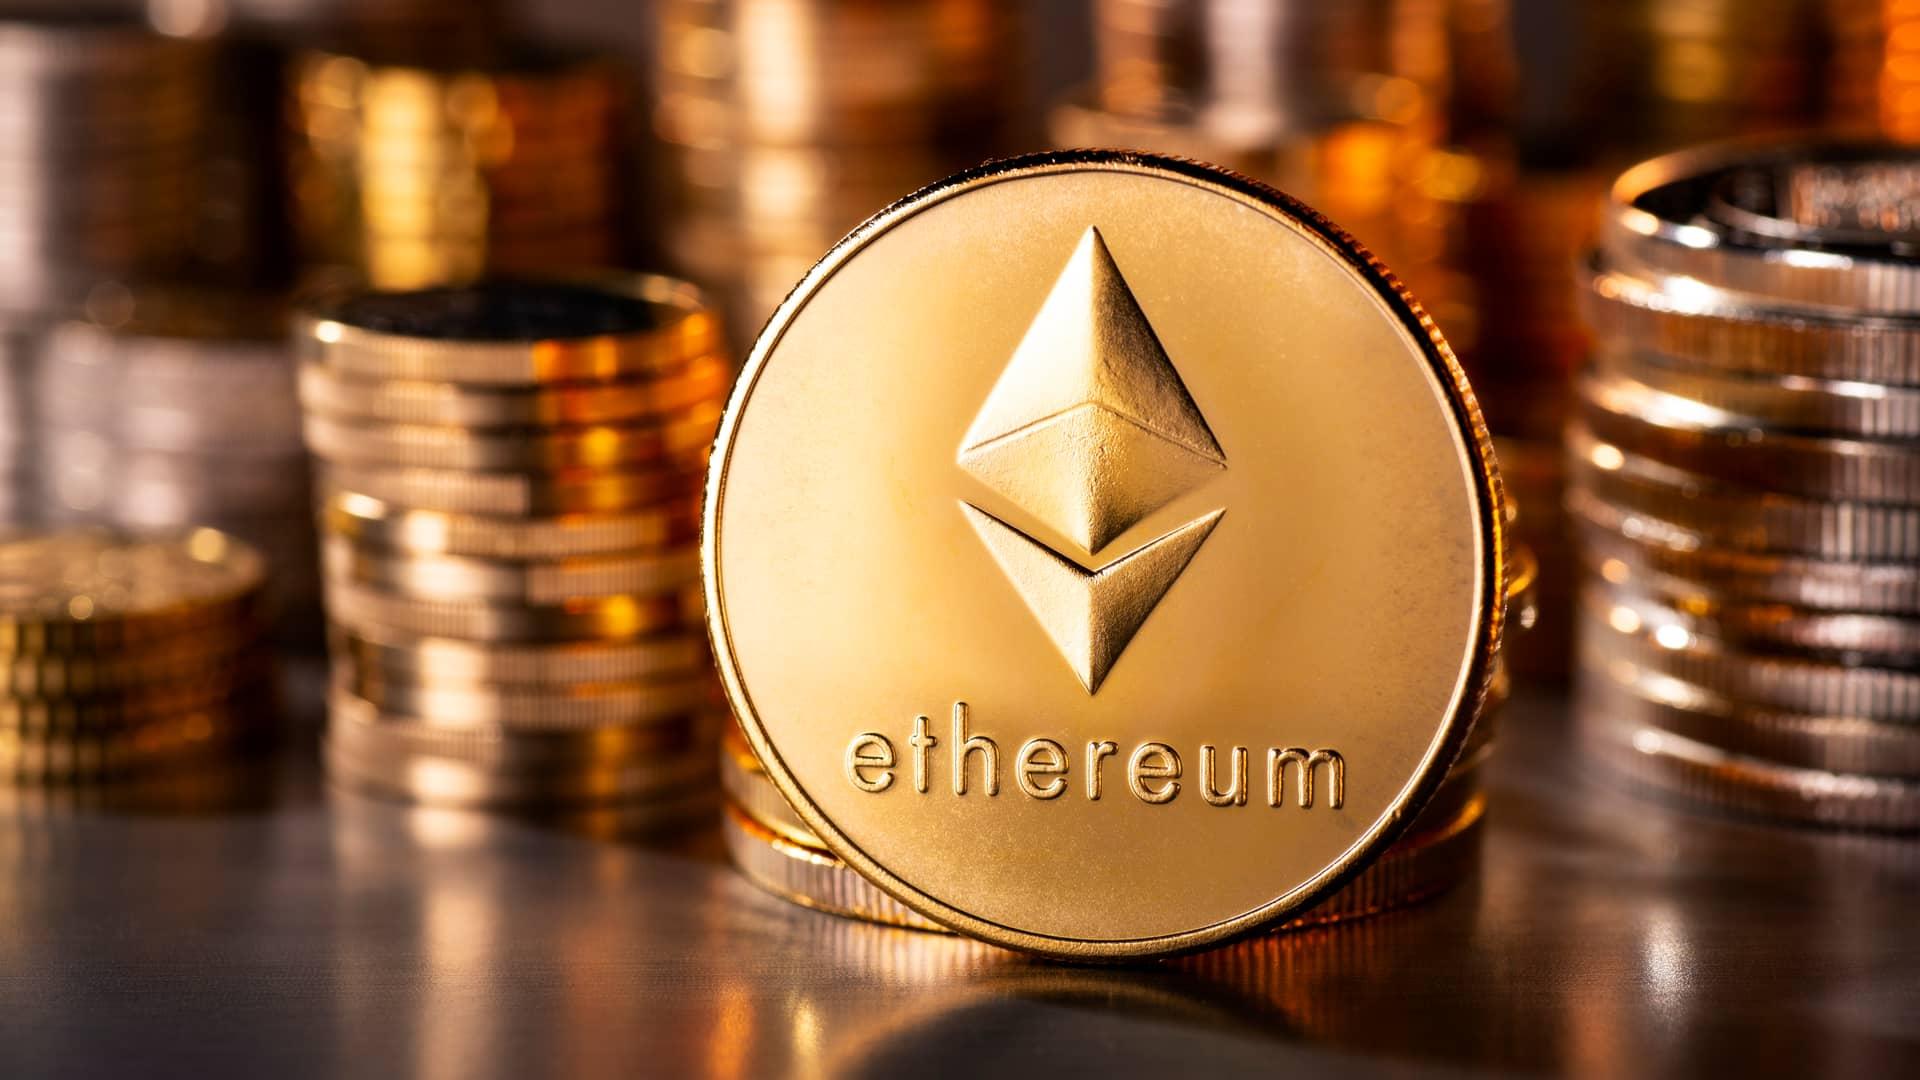 Ethereum: dónde comprar, cotización y en qué consiste